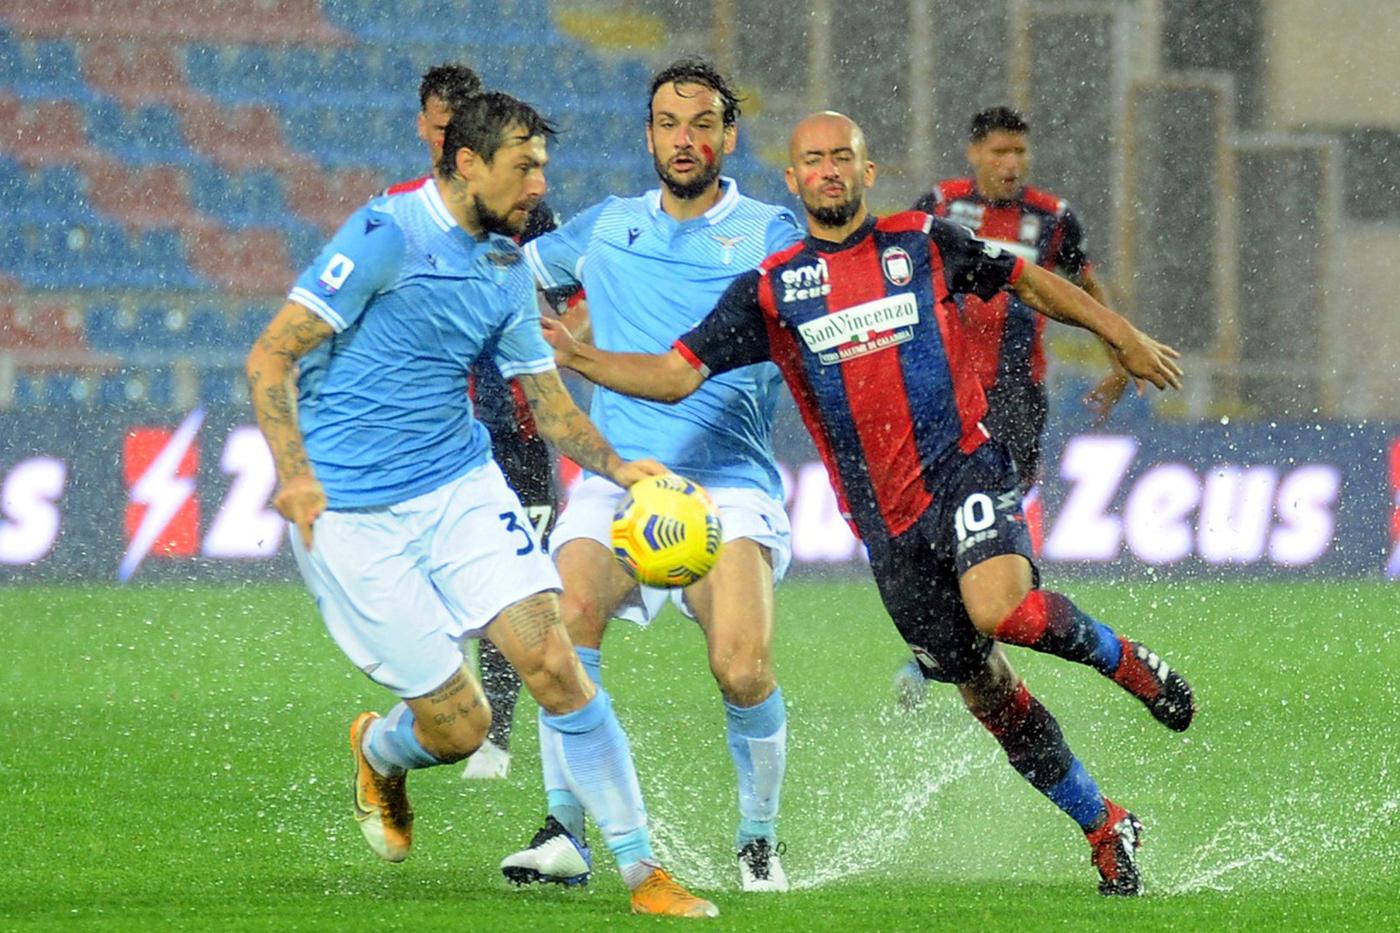 Crotone vs Lazio - Serie A TIM 2020/2021